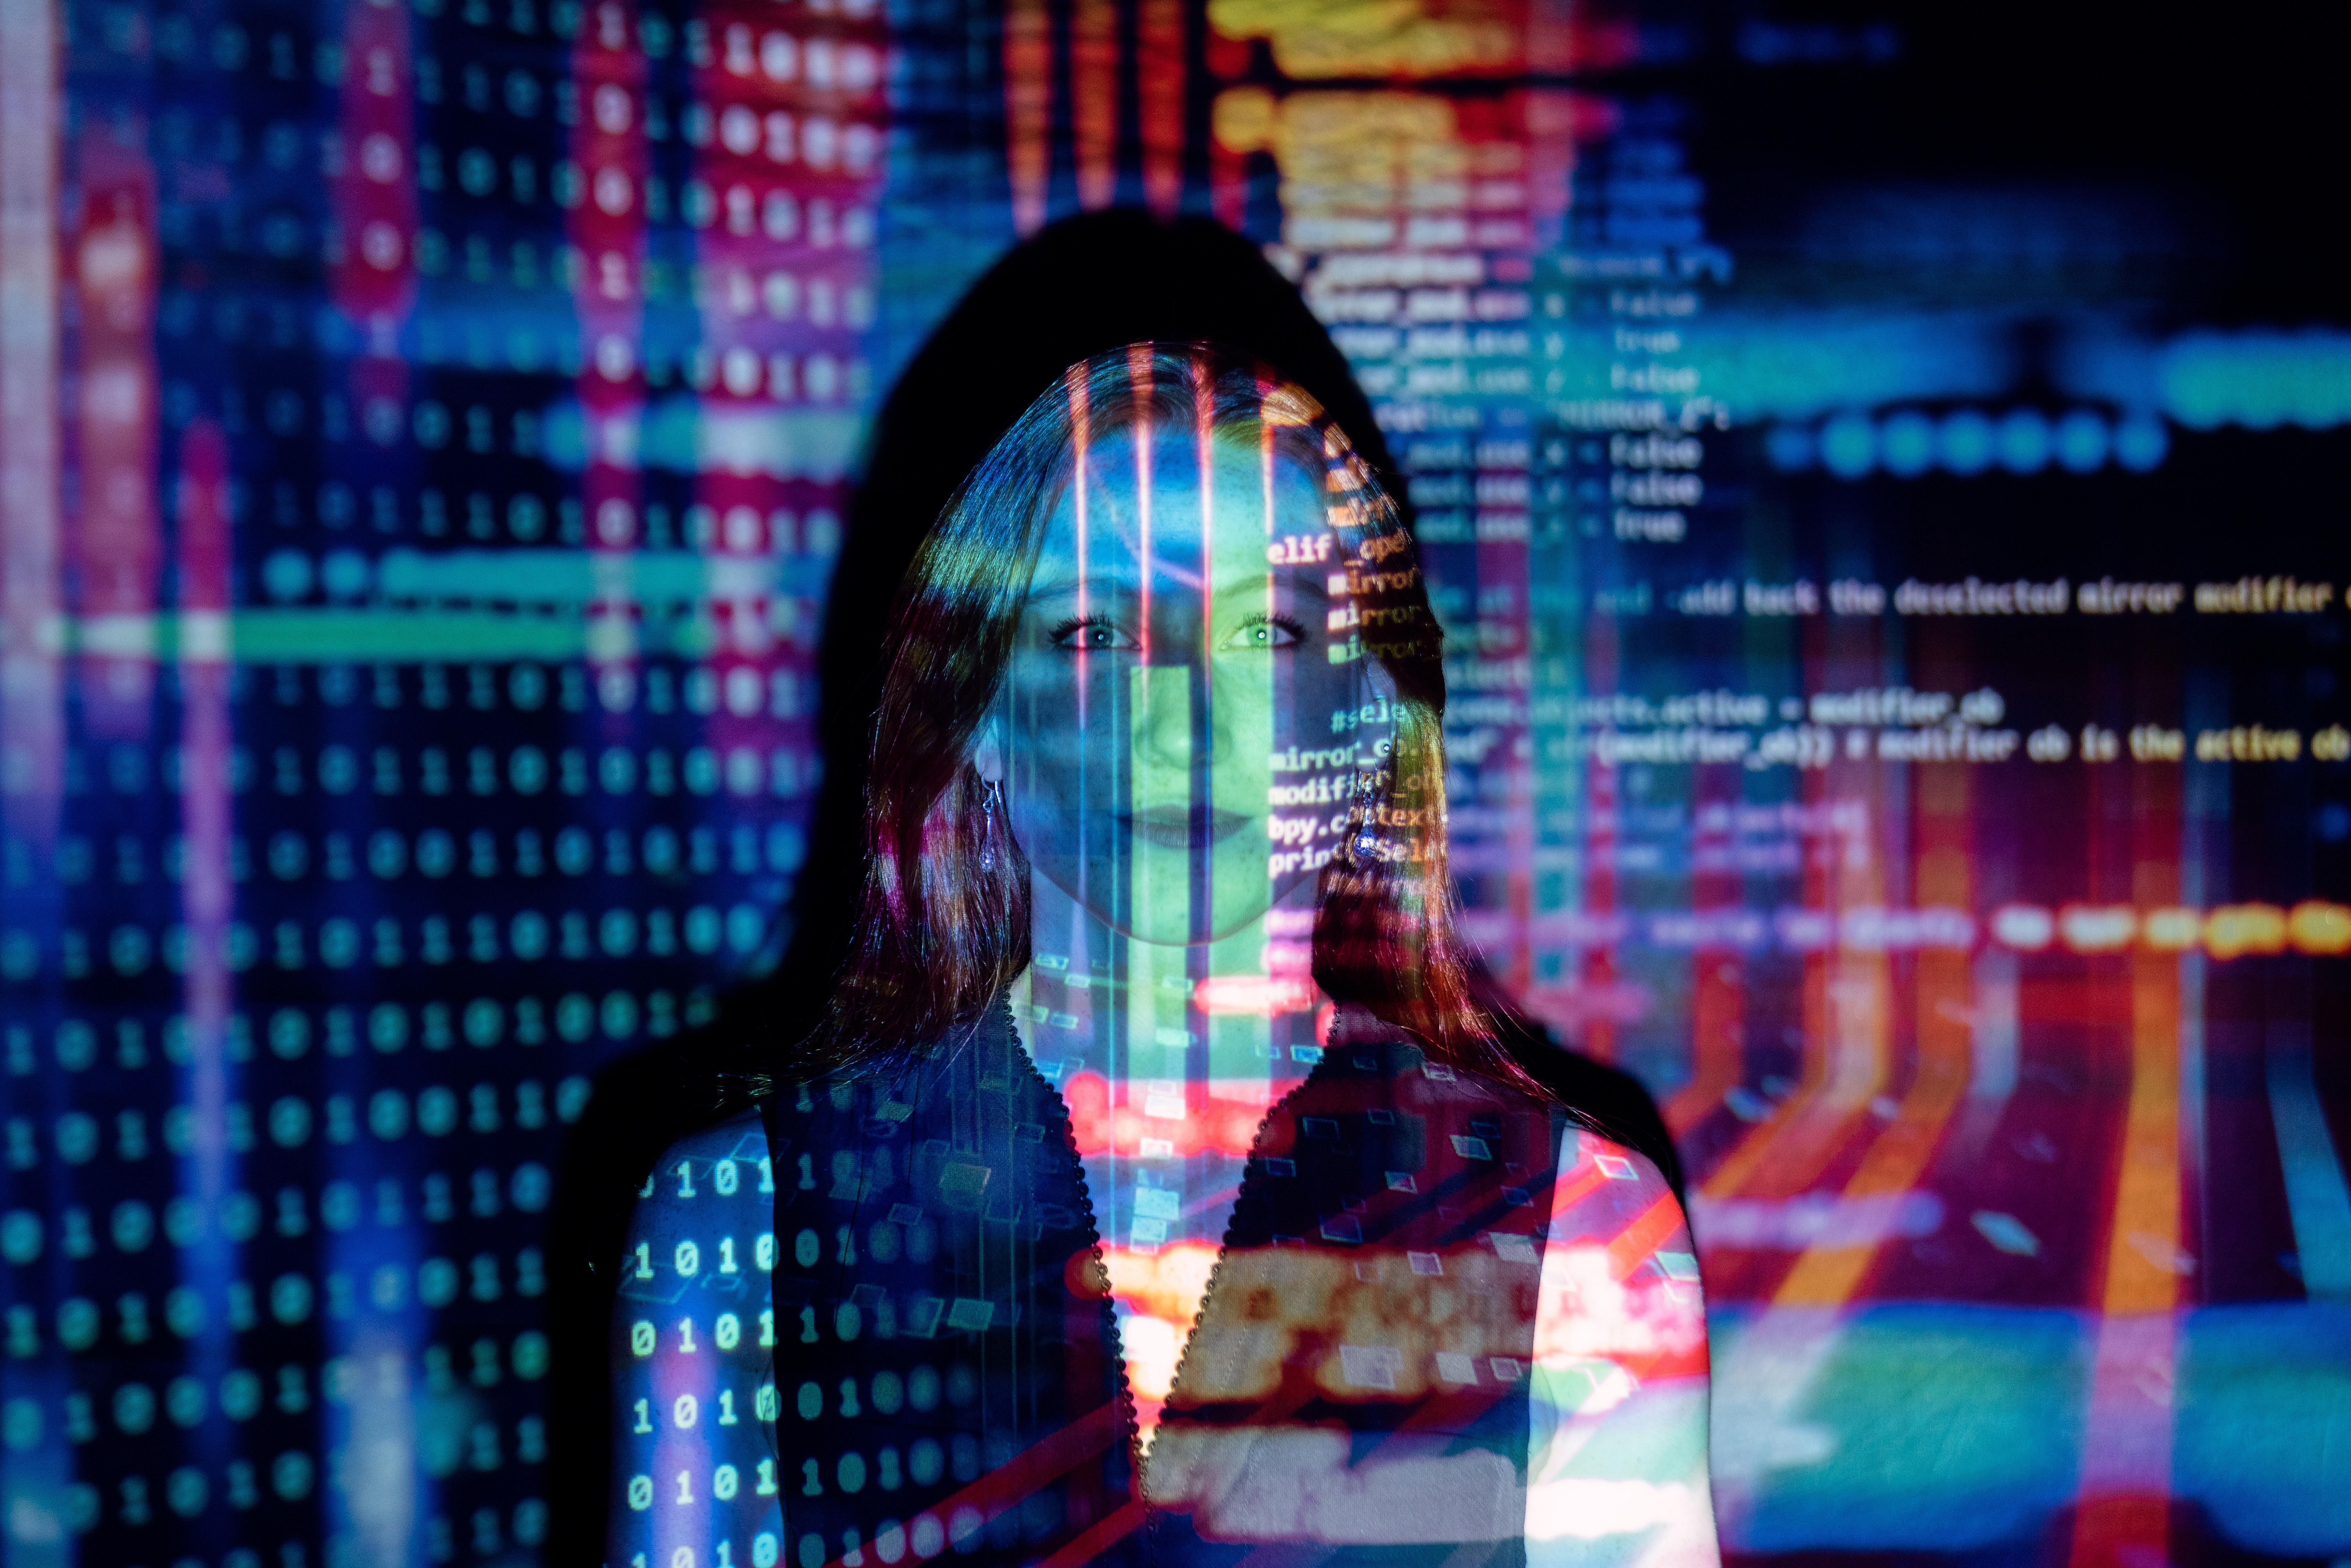 Hoe wapen ik mijn logistiek bedrijf tegen cybercrime?